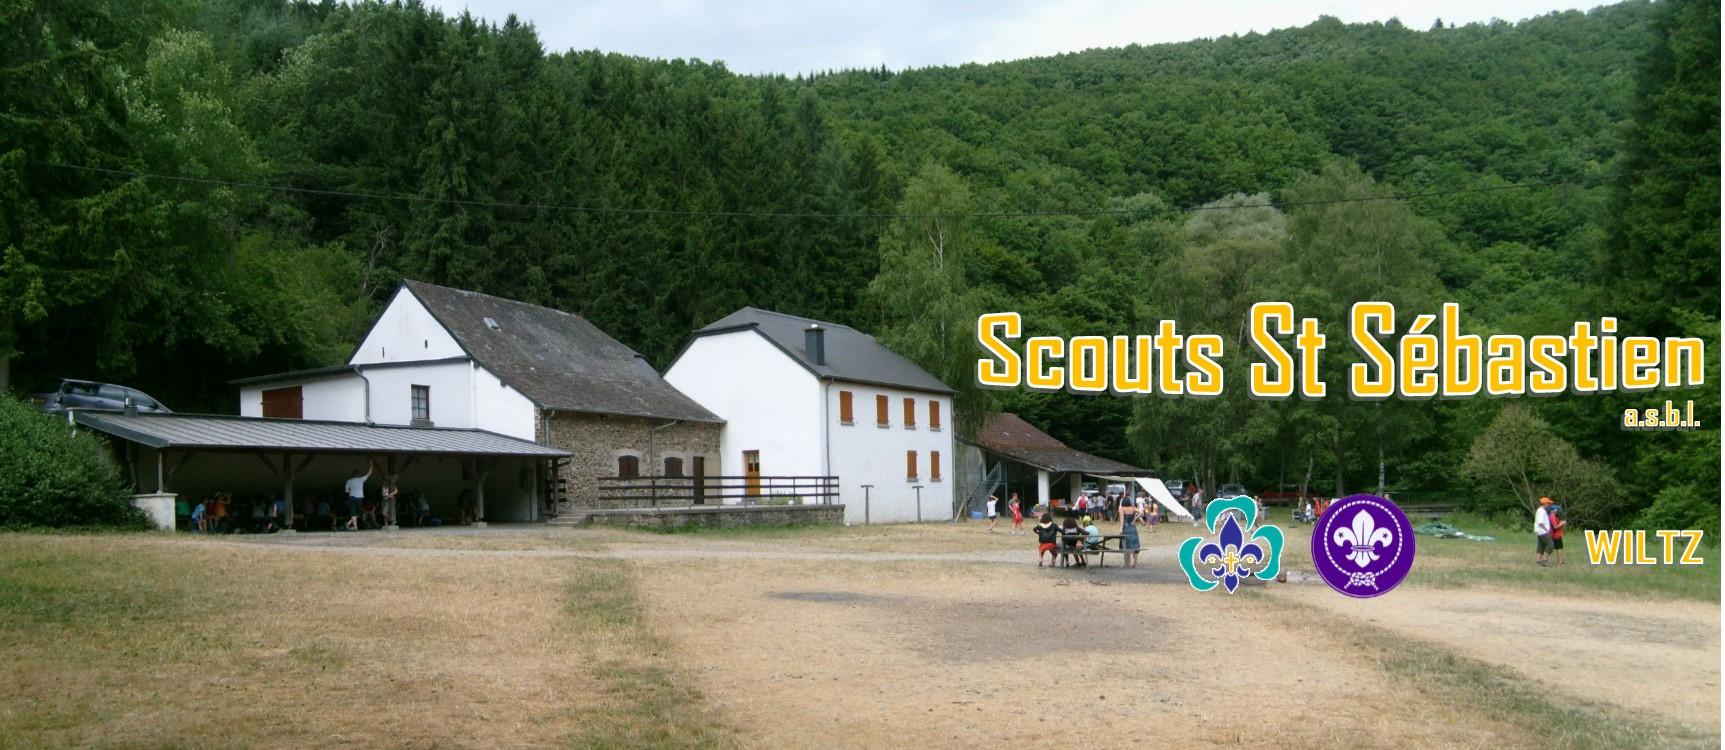 Scouts St Sébastien – Wiltz